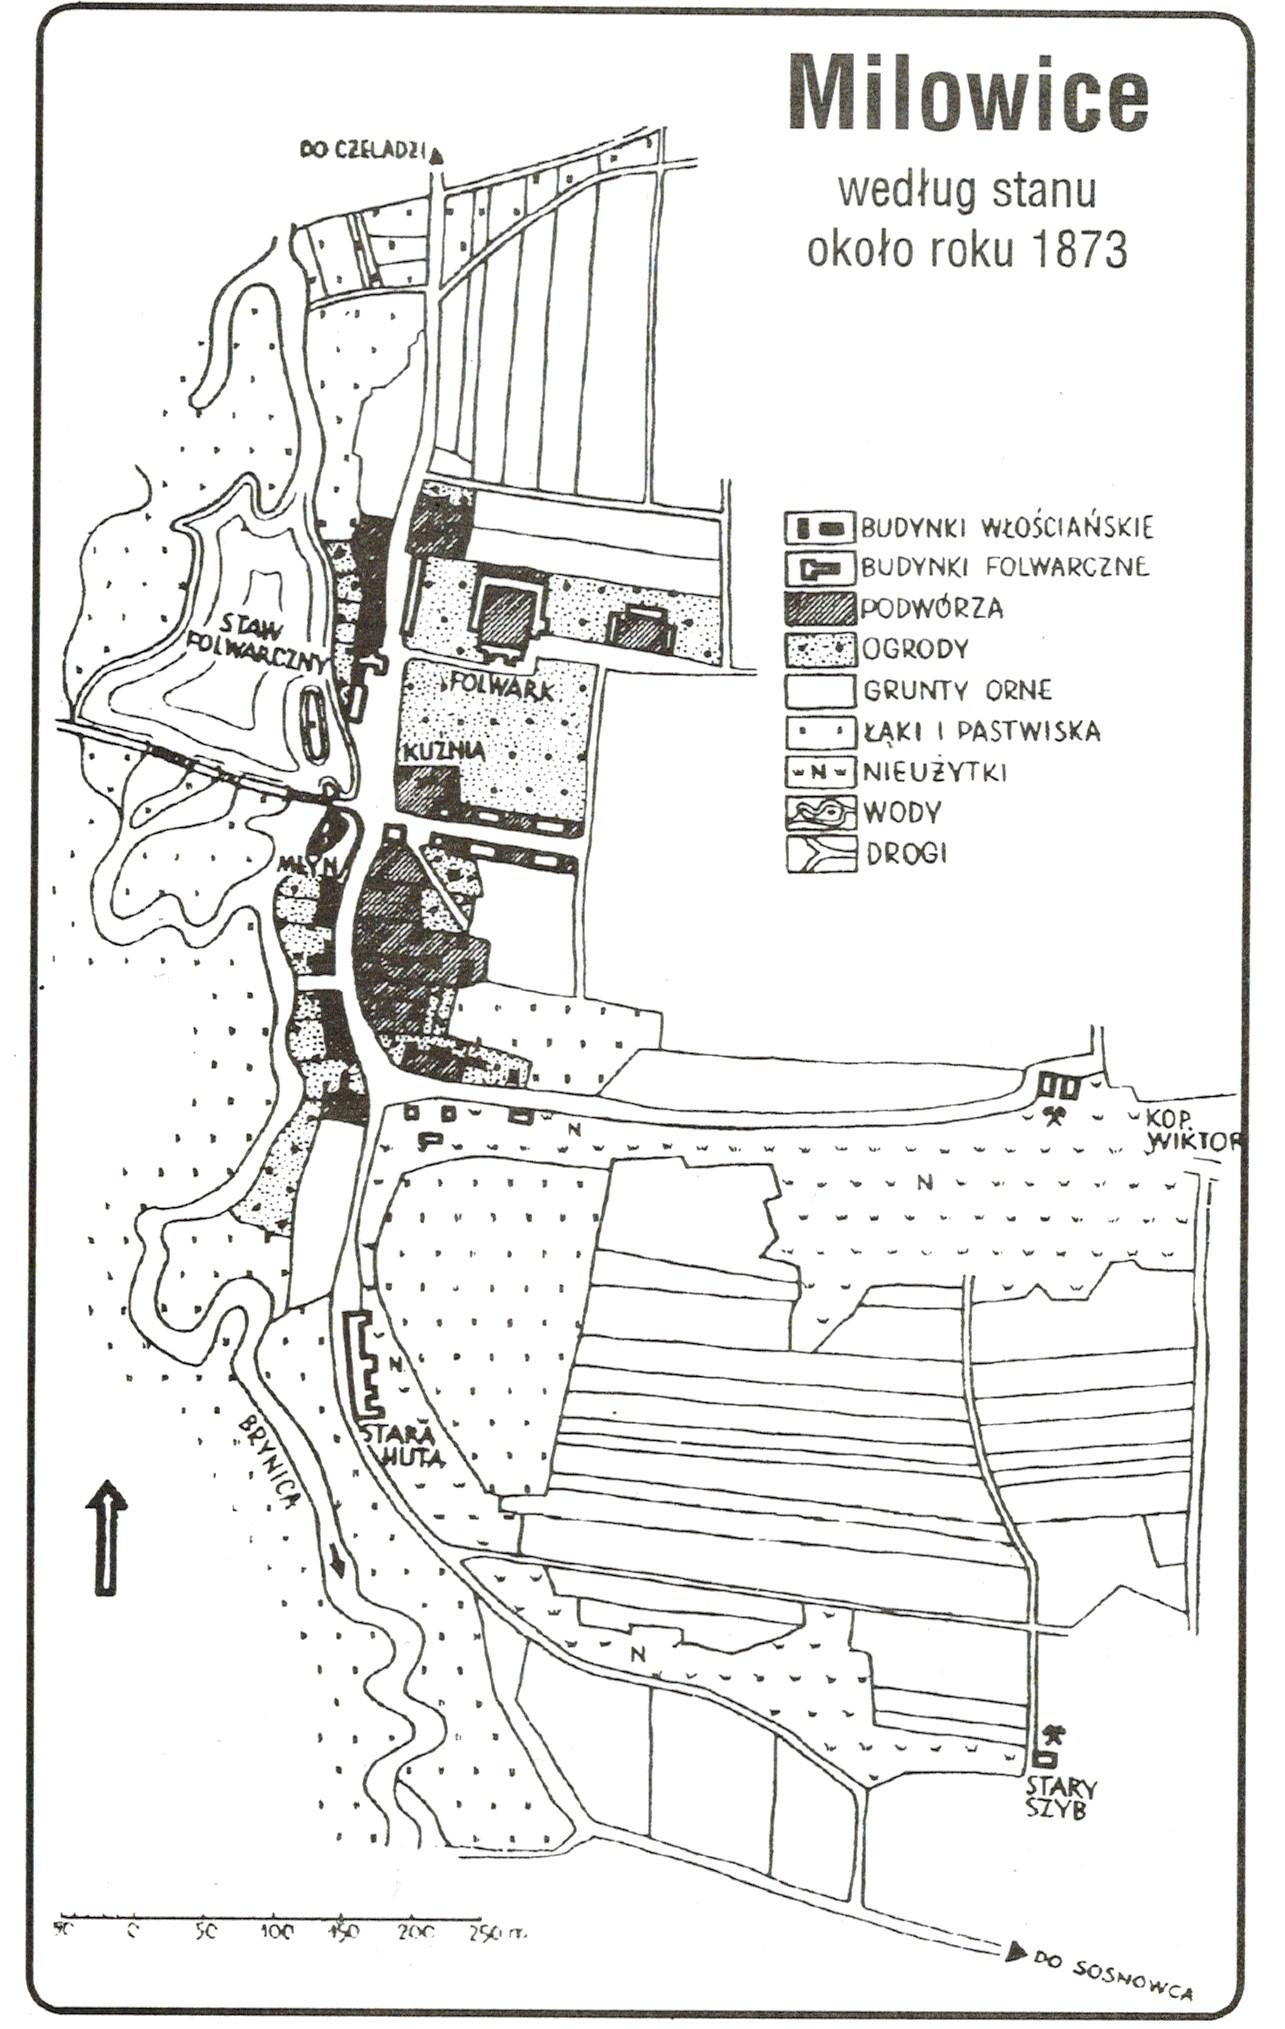 Milowice - Plan według stanu około roku 1873